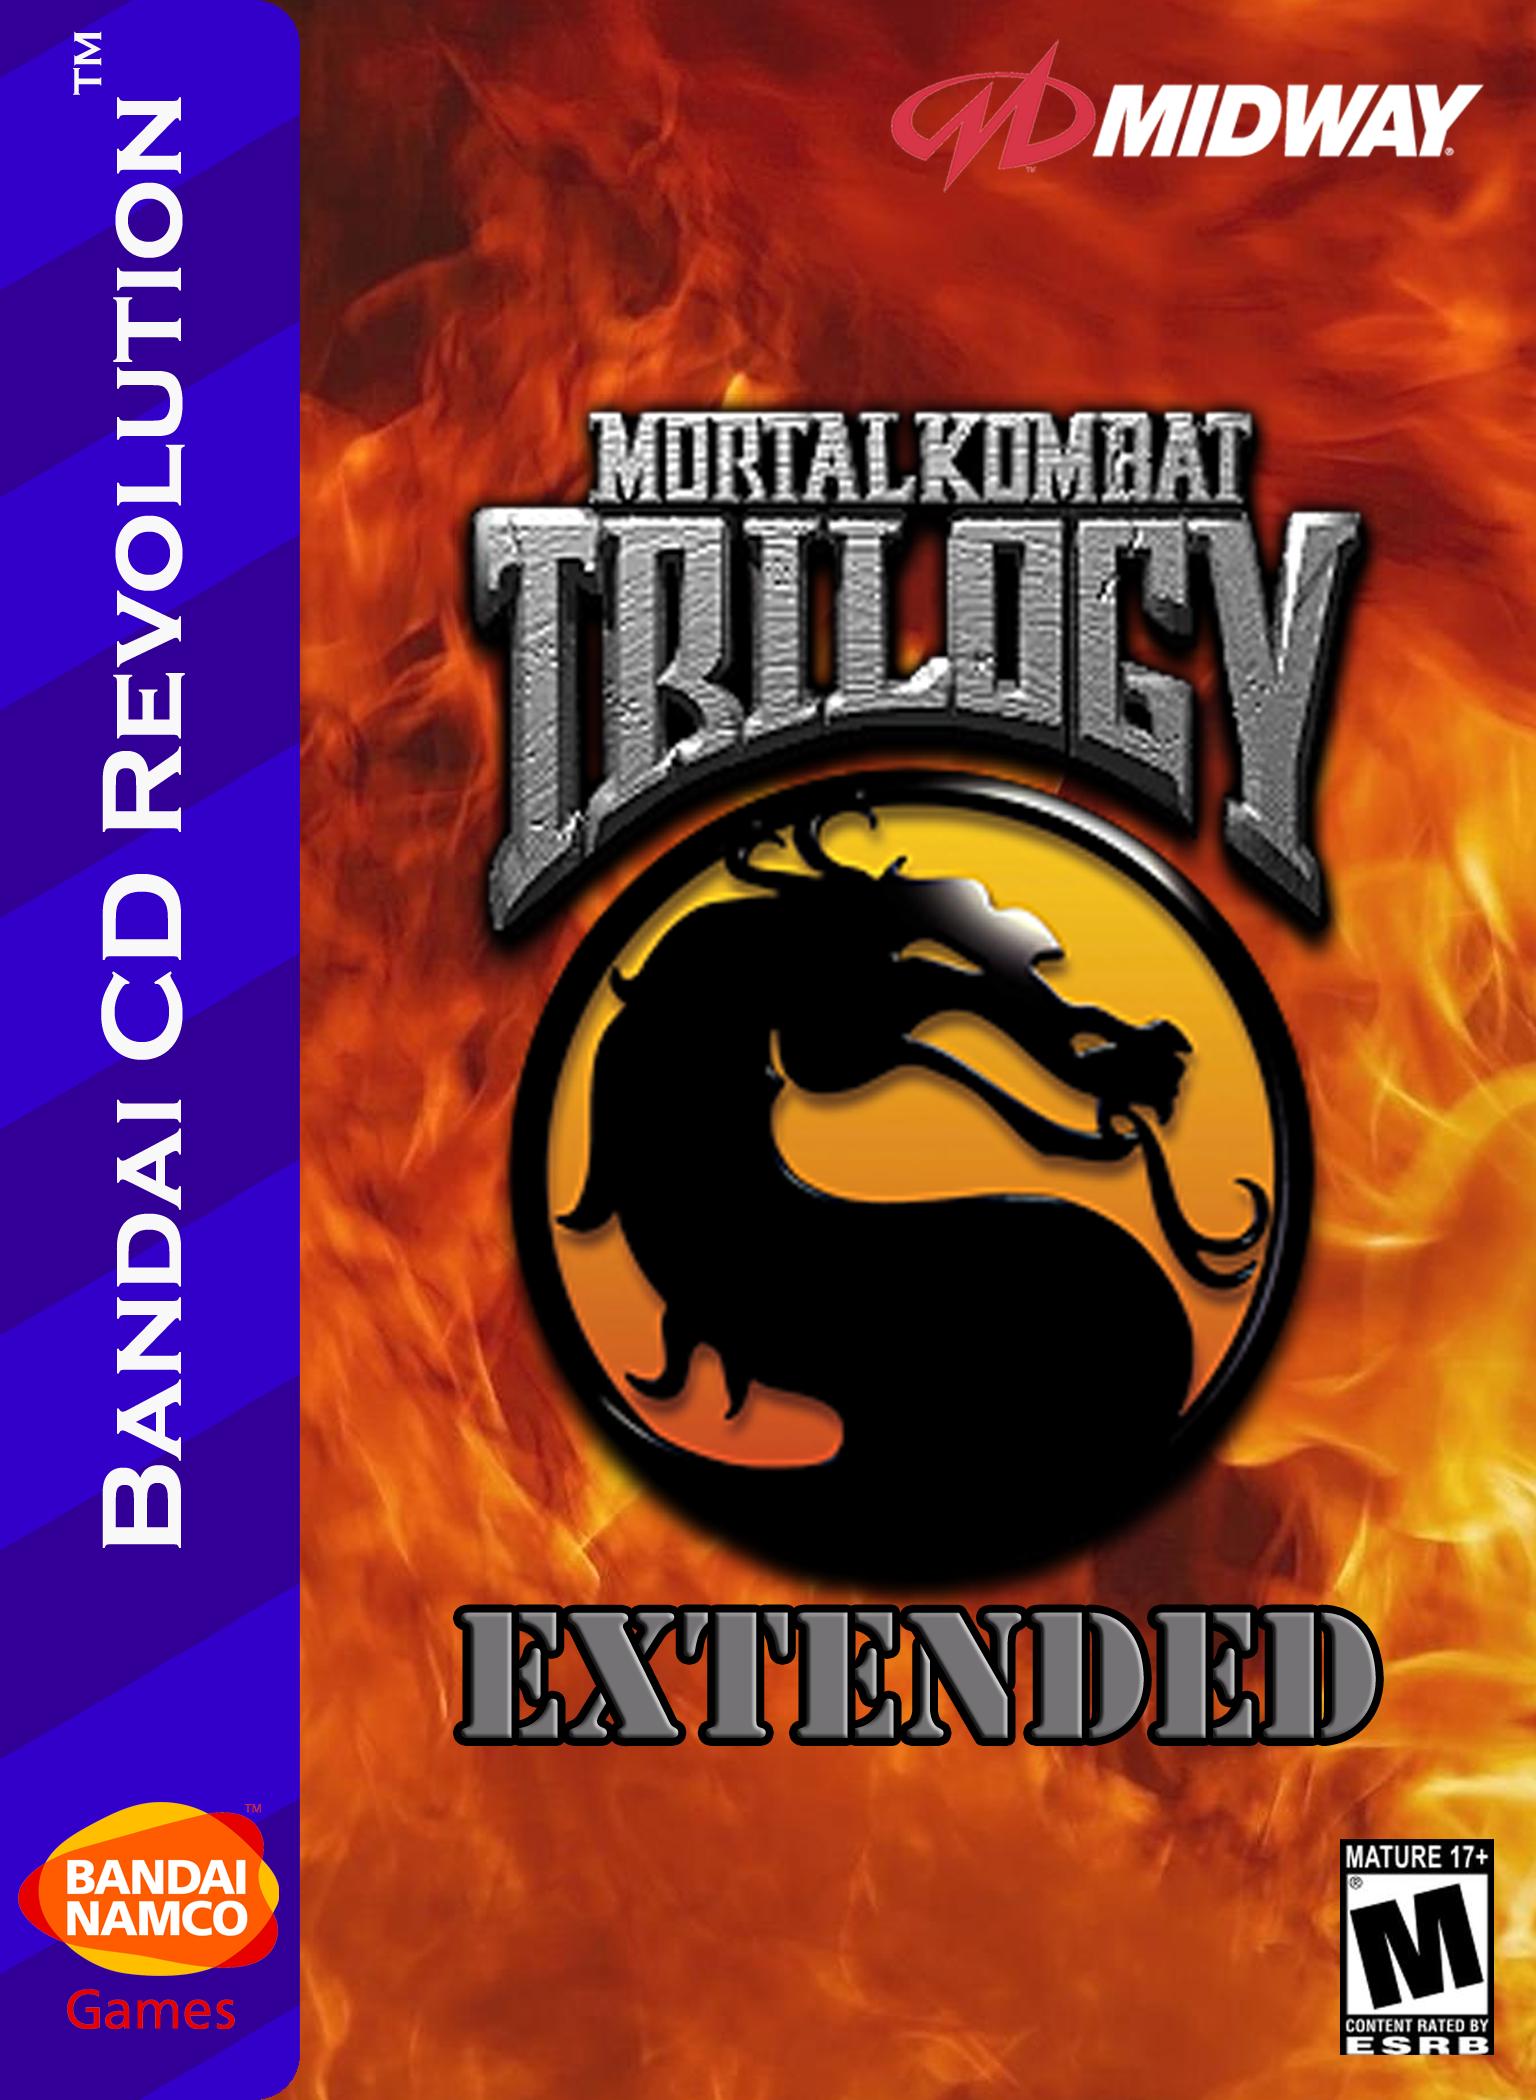 Mortal kombat trilogy extended | video games fanon wiki | fandom.